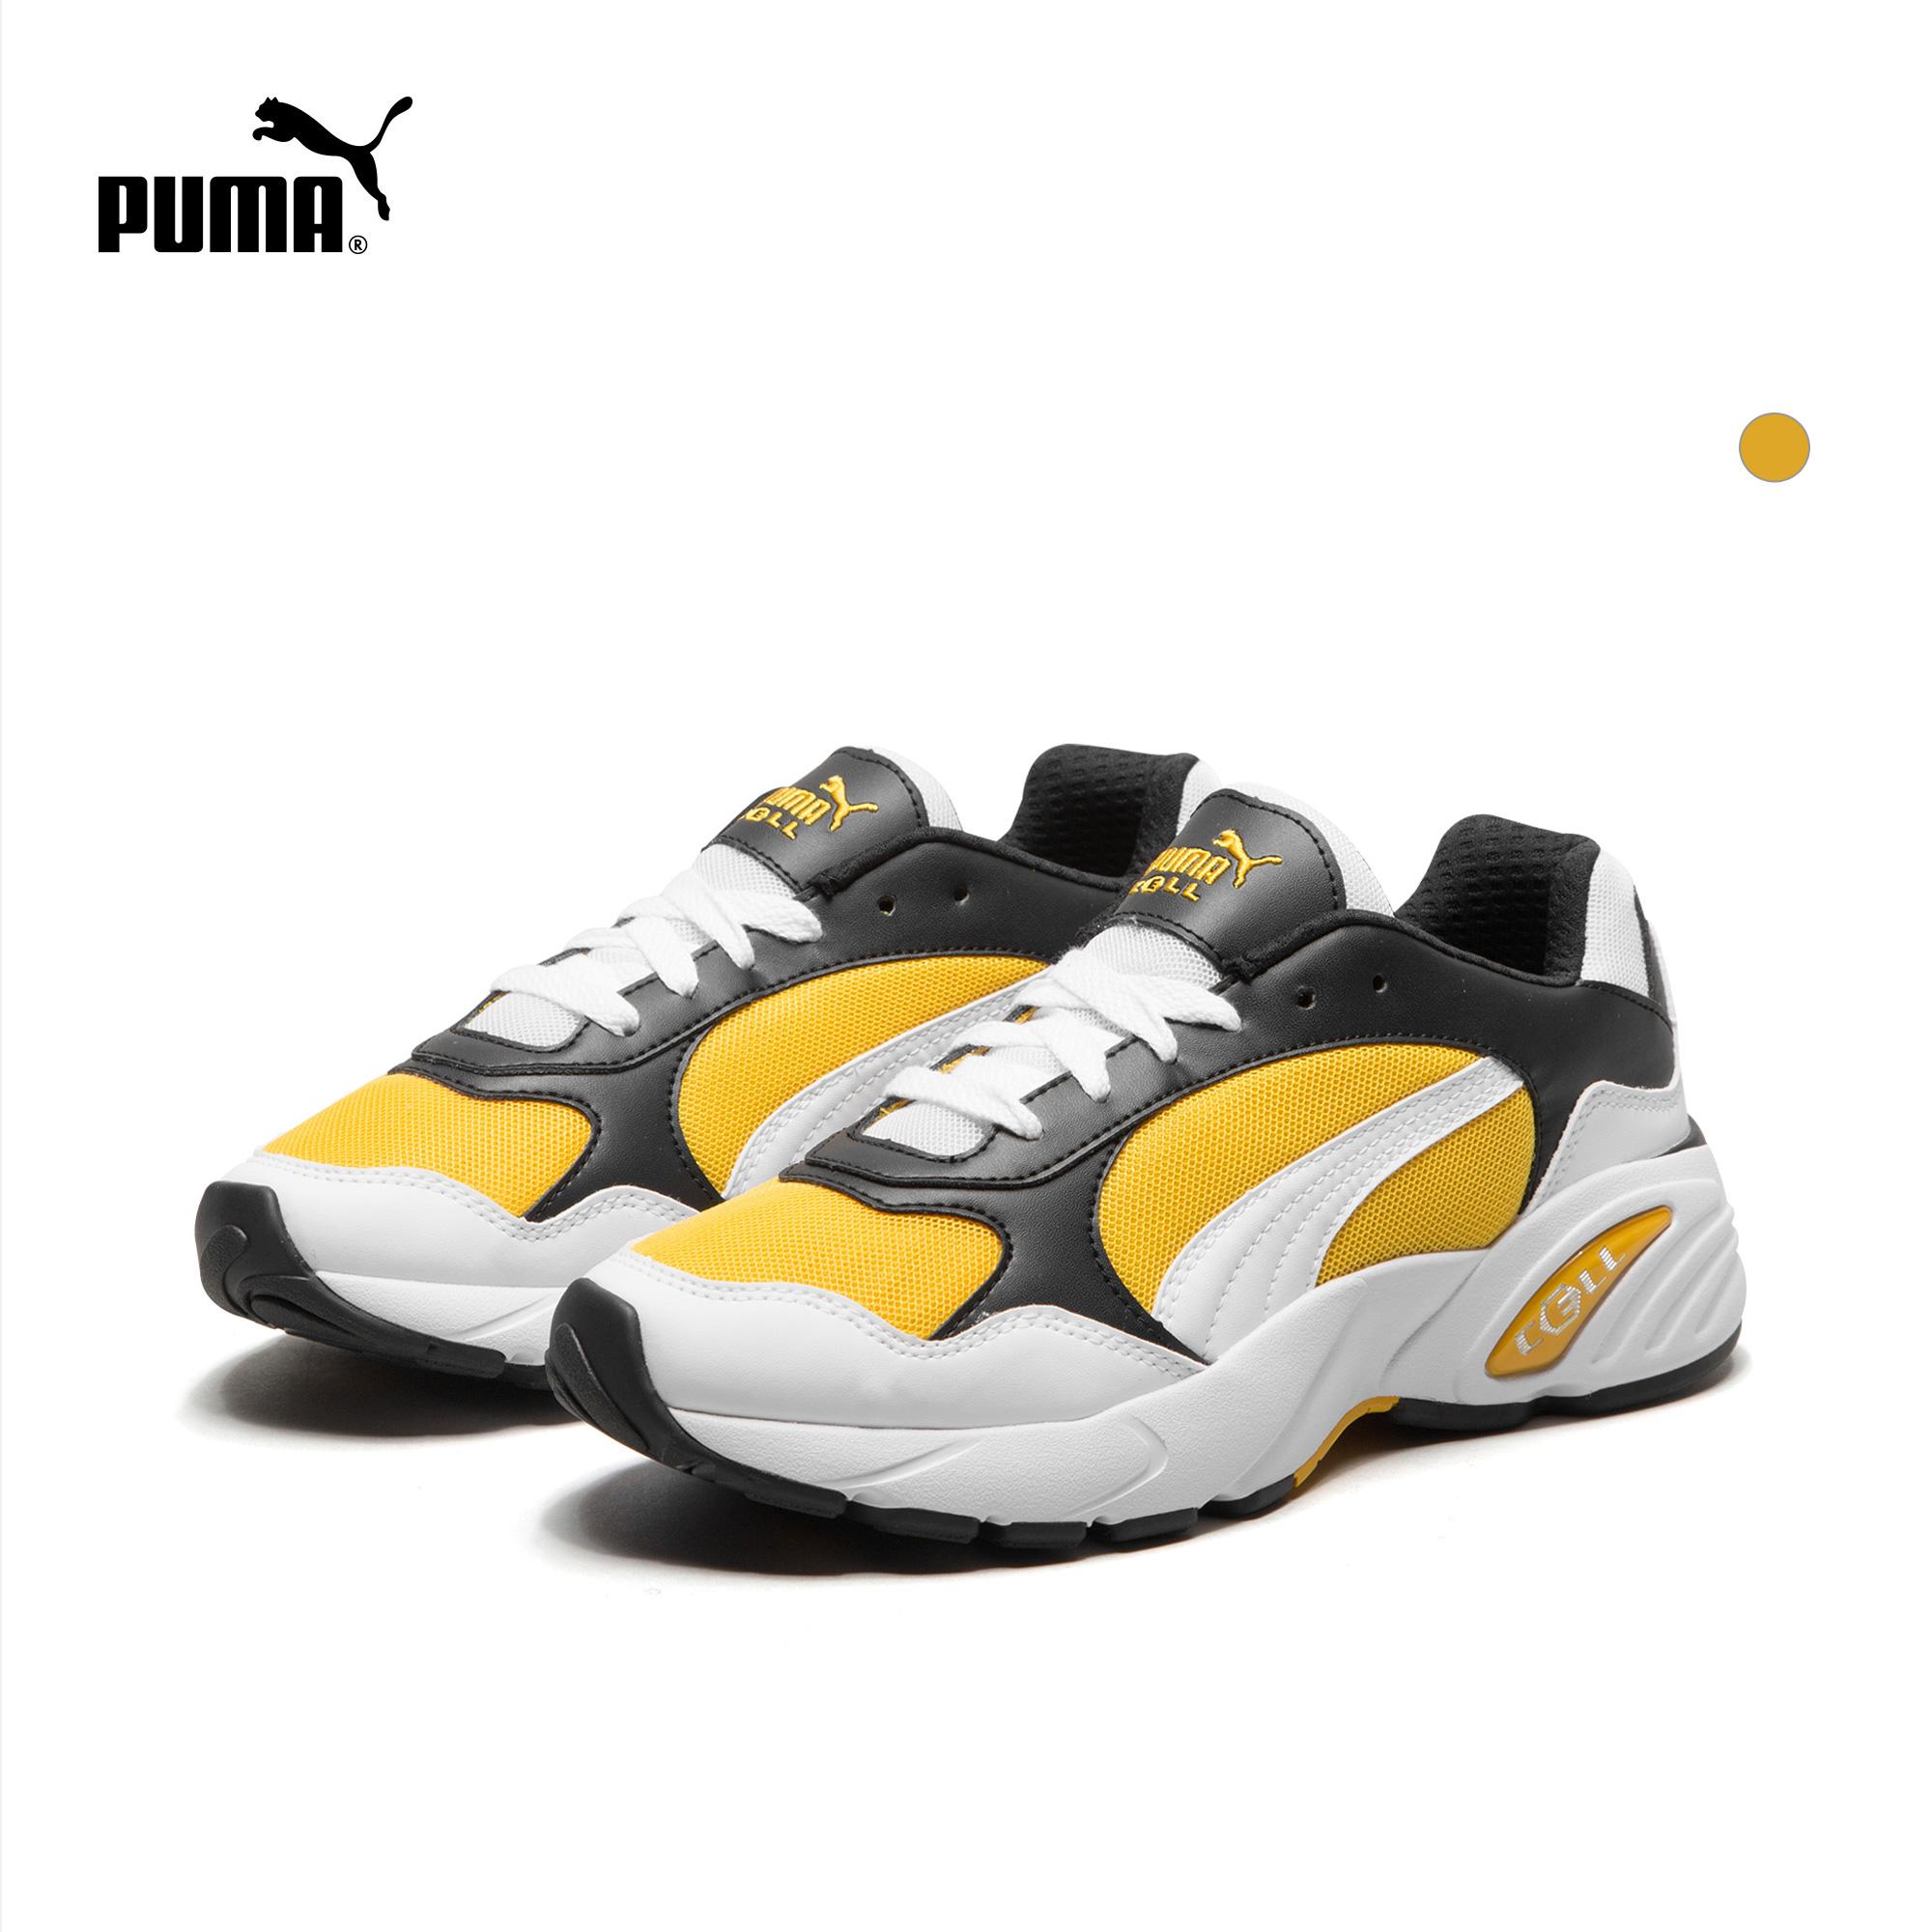 (用30元券)PUMA官方 李现同款男女同款休闲鞋 Cell Viper 369505